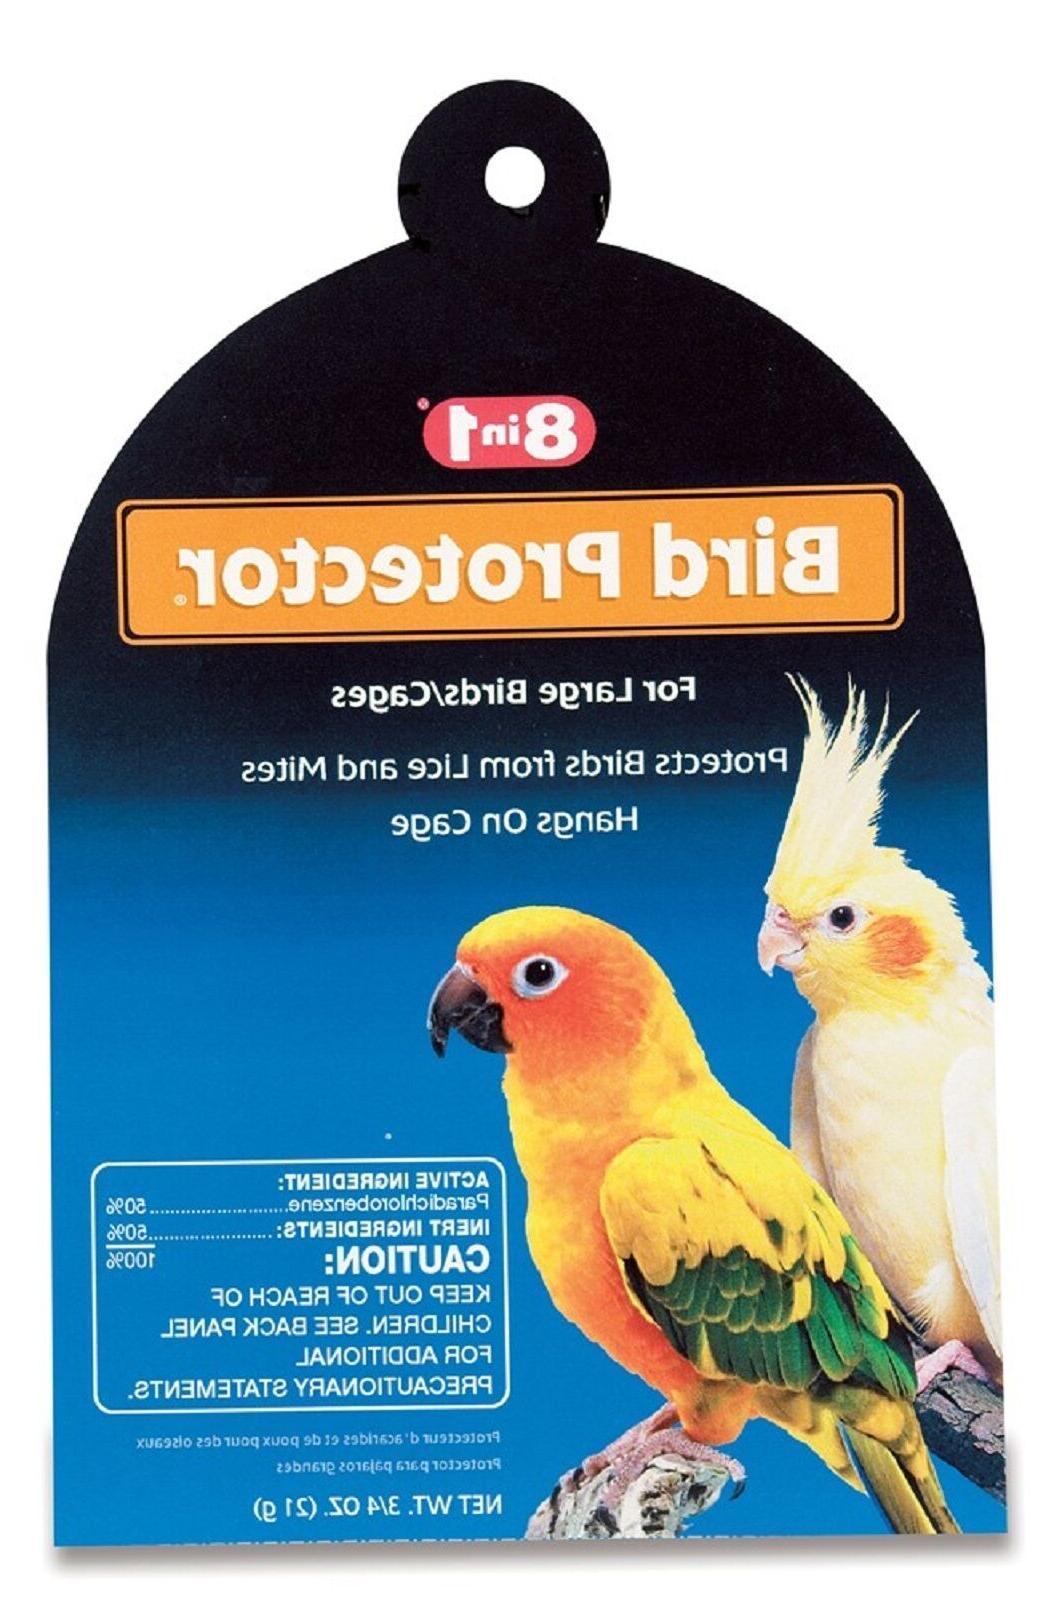 lice mite bird protector